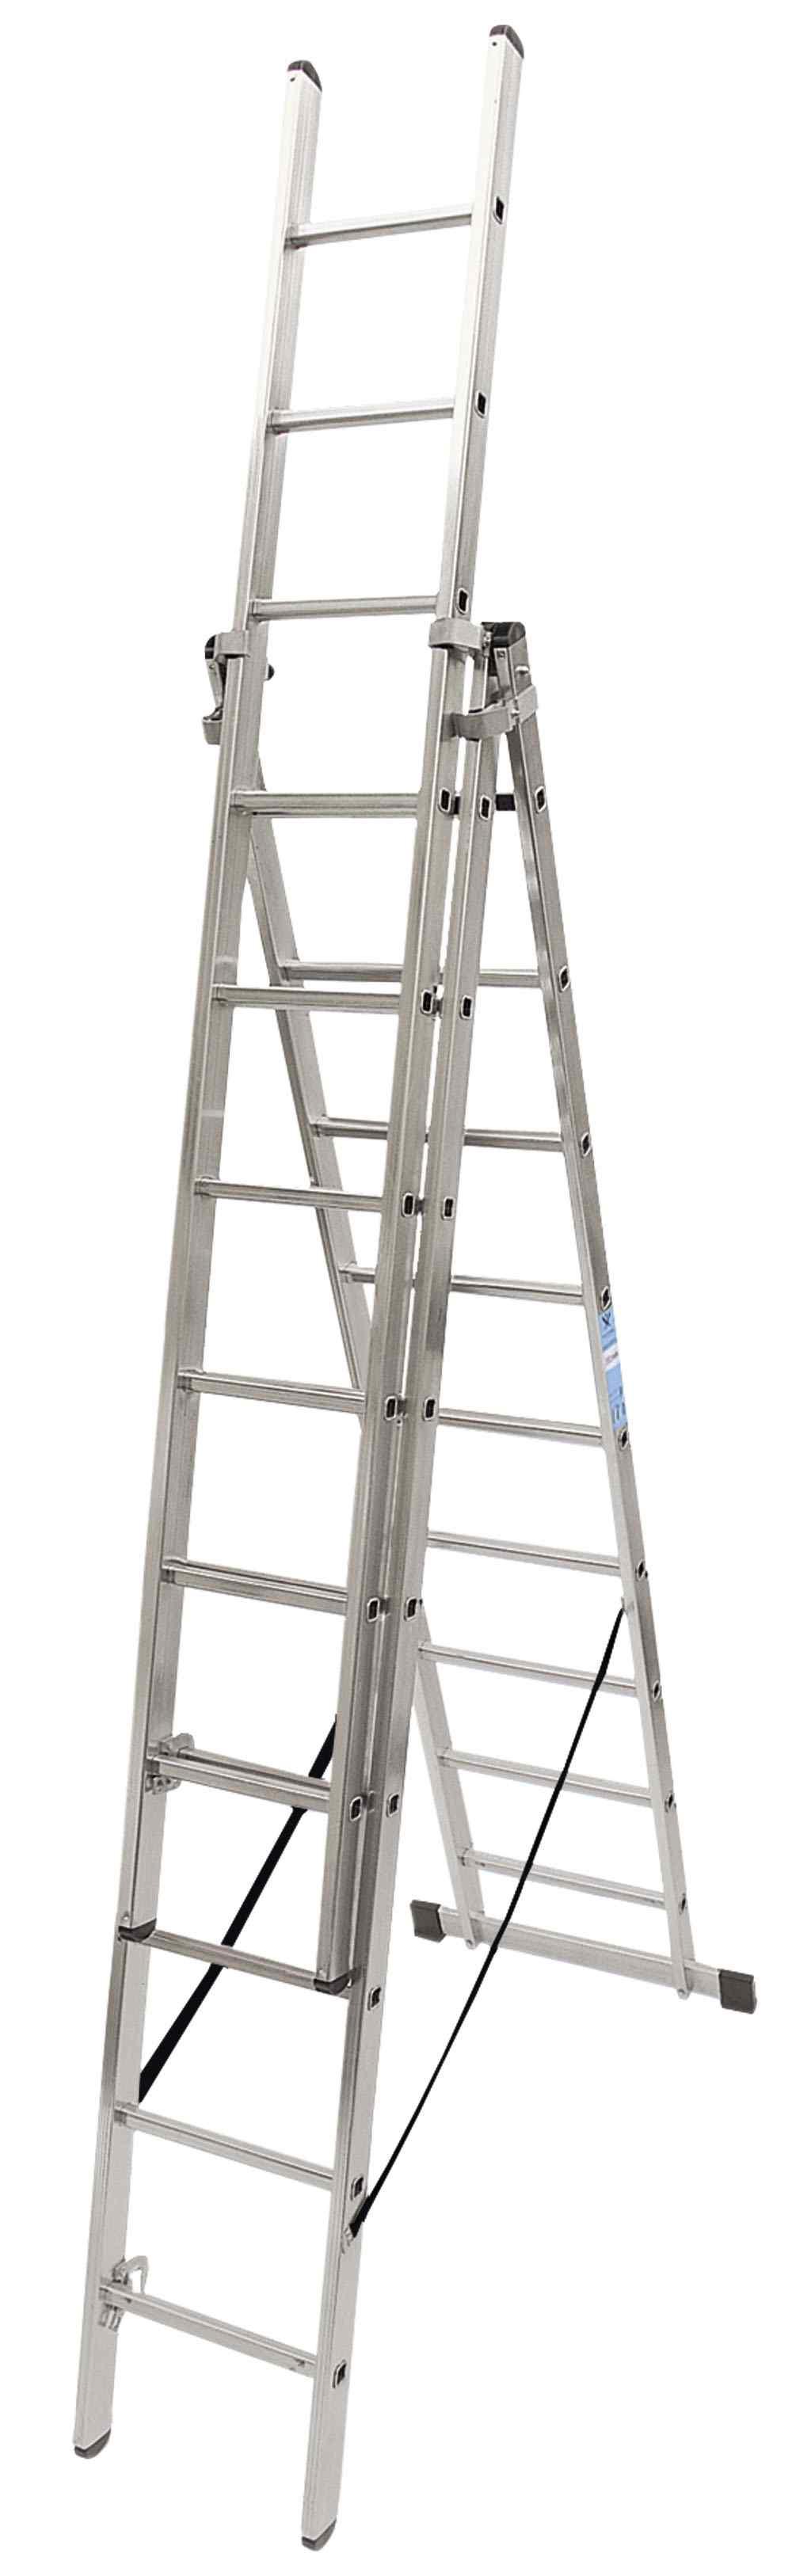 Escalera Triple con Base - 6 x 3 Peldaños